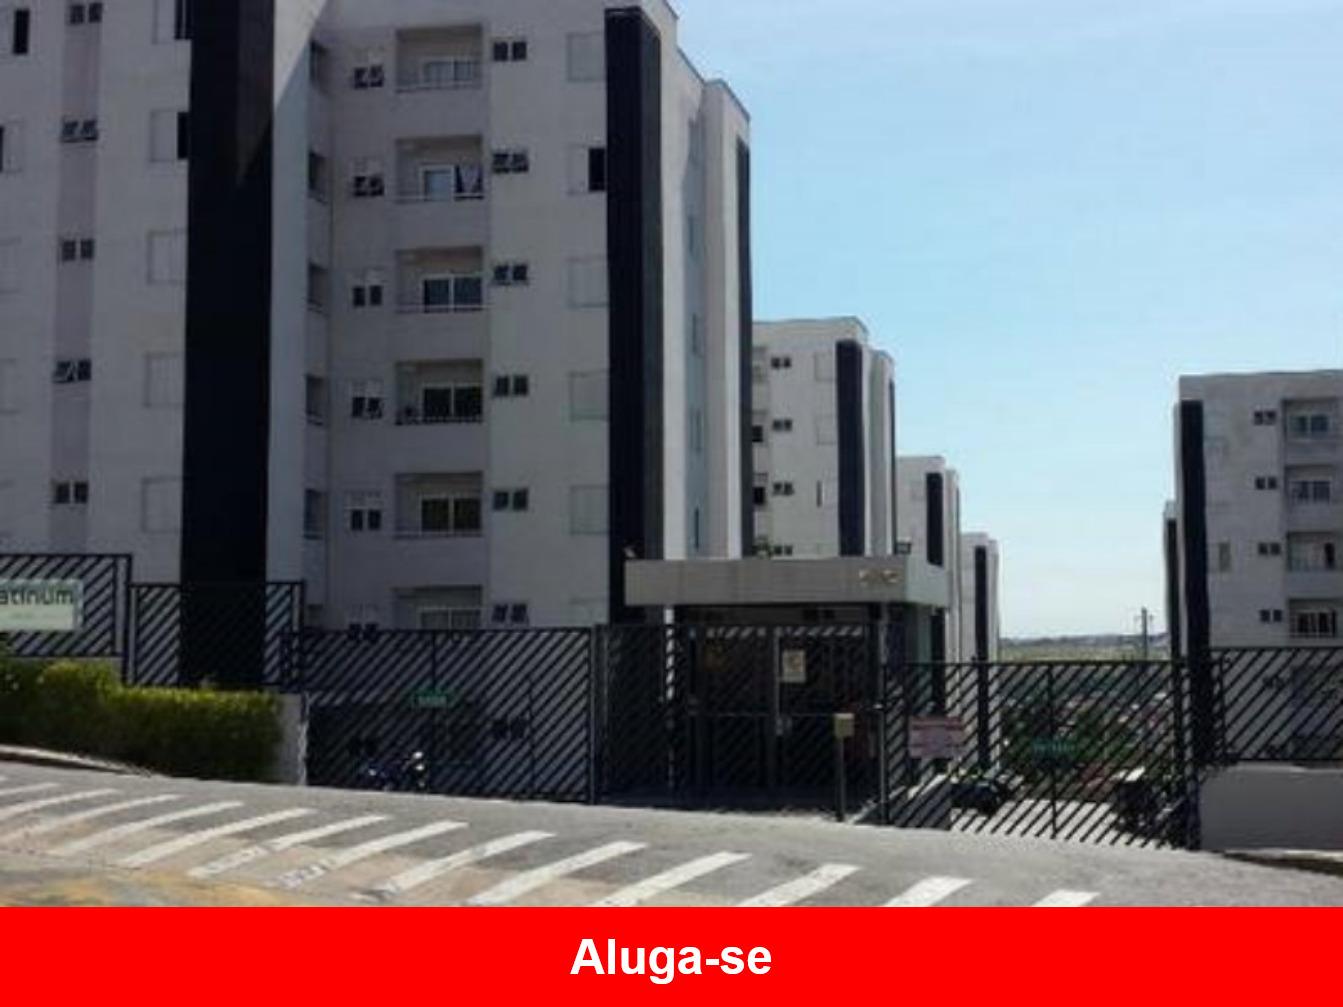 Aluga-se Apartamento no Residencial Platinum, Vila Fiori Sorocaba - SP